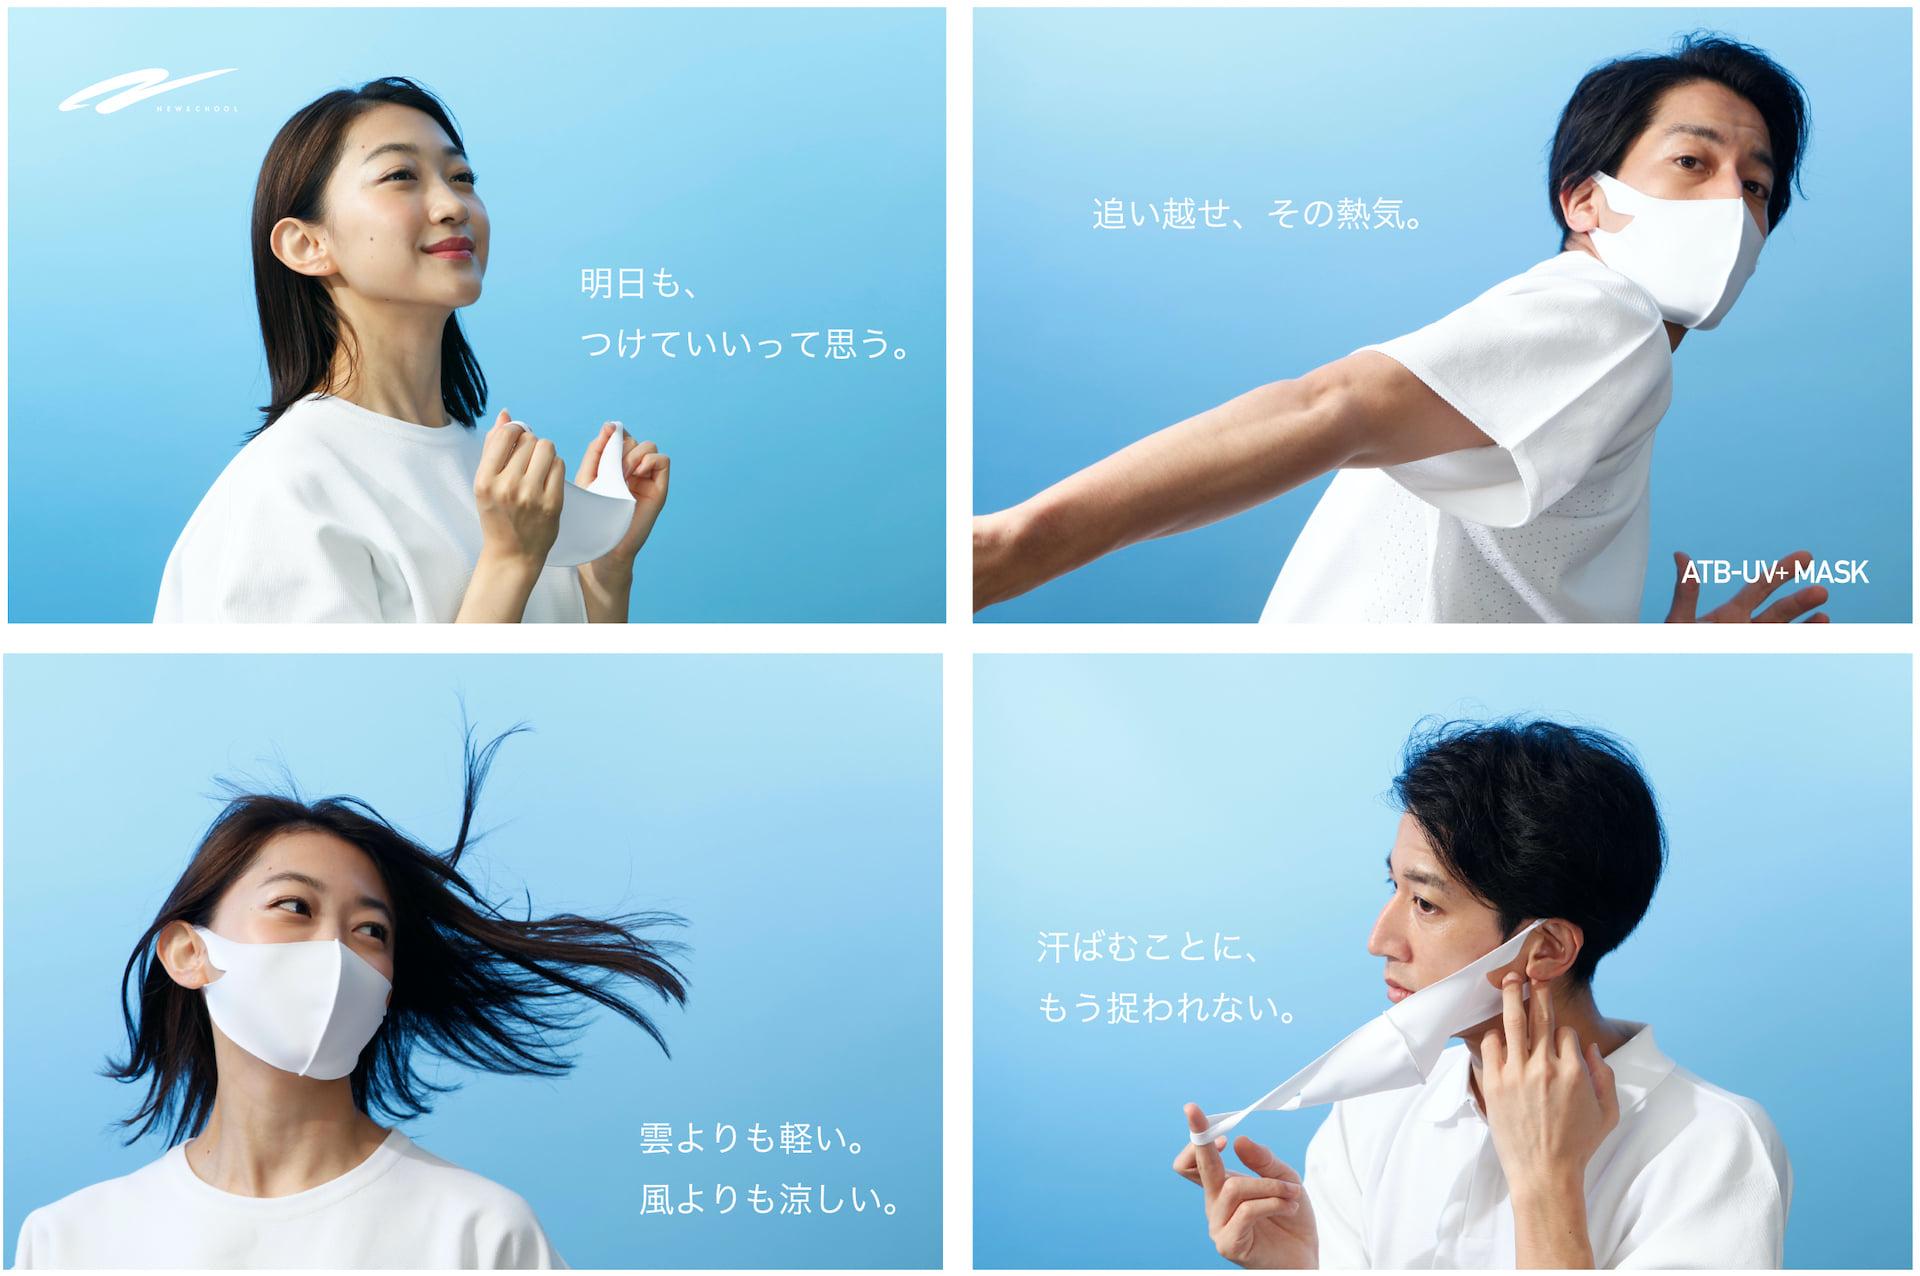 夏用の冷感抗菌UVマスク『ATB-UV+MASK COOL』がNEWSCHOOLにて発売|表参道のポップアップストアは明日スタート lf200721_newschool-mask_7-1920x1276